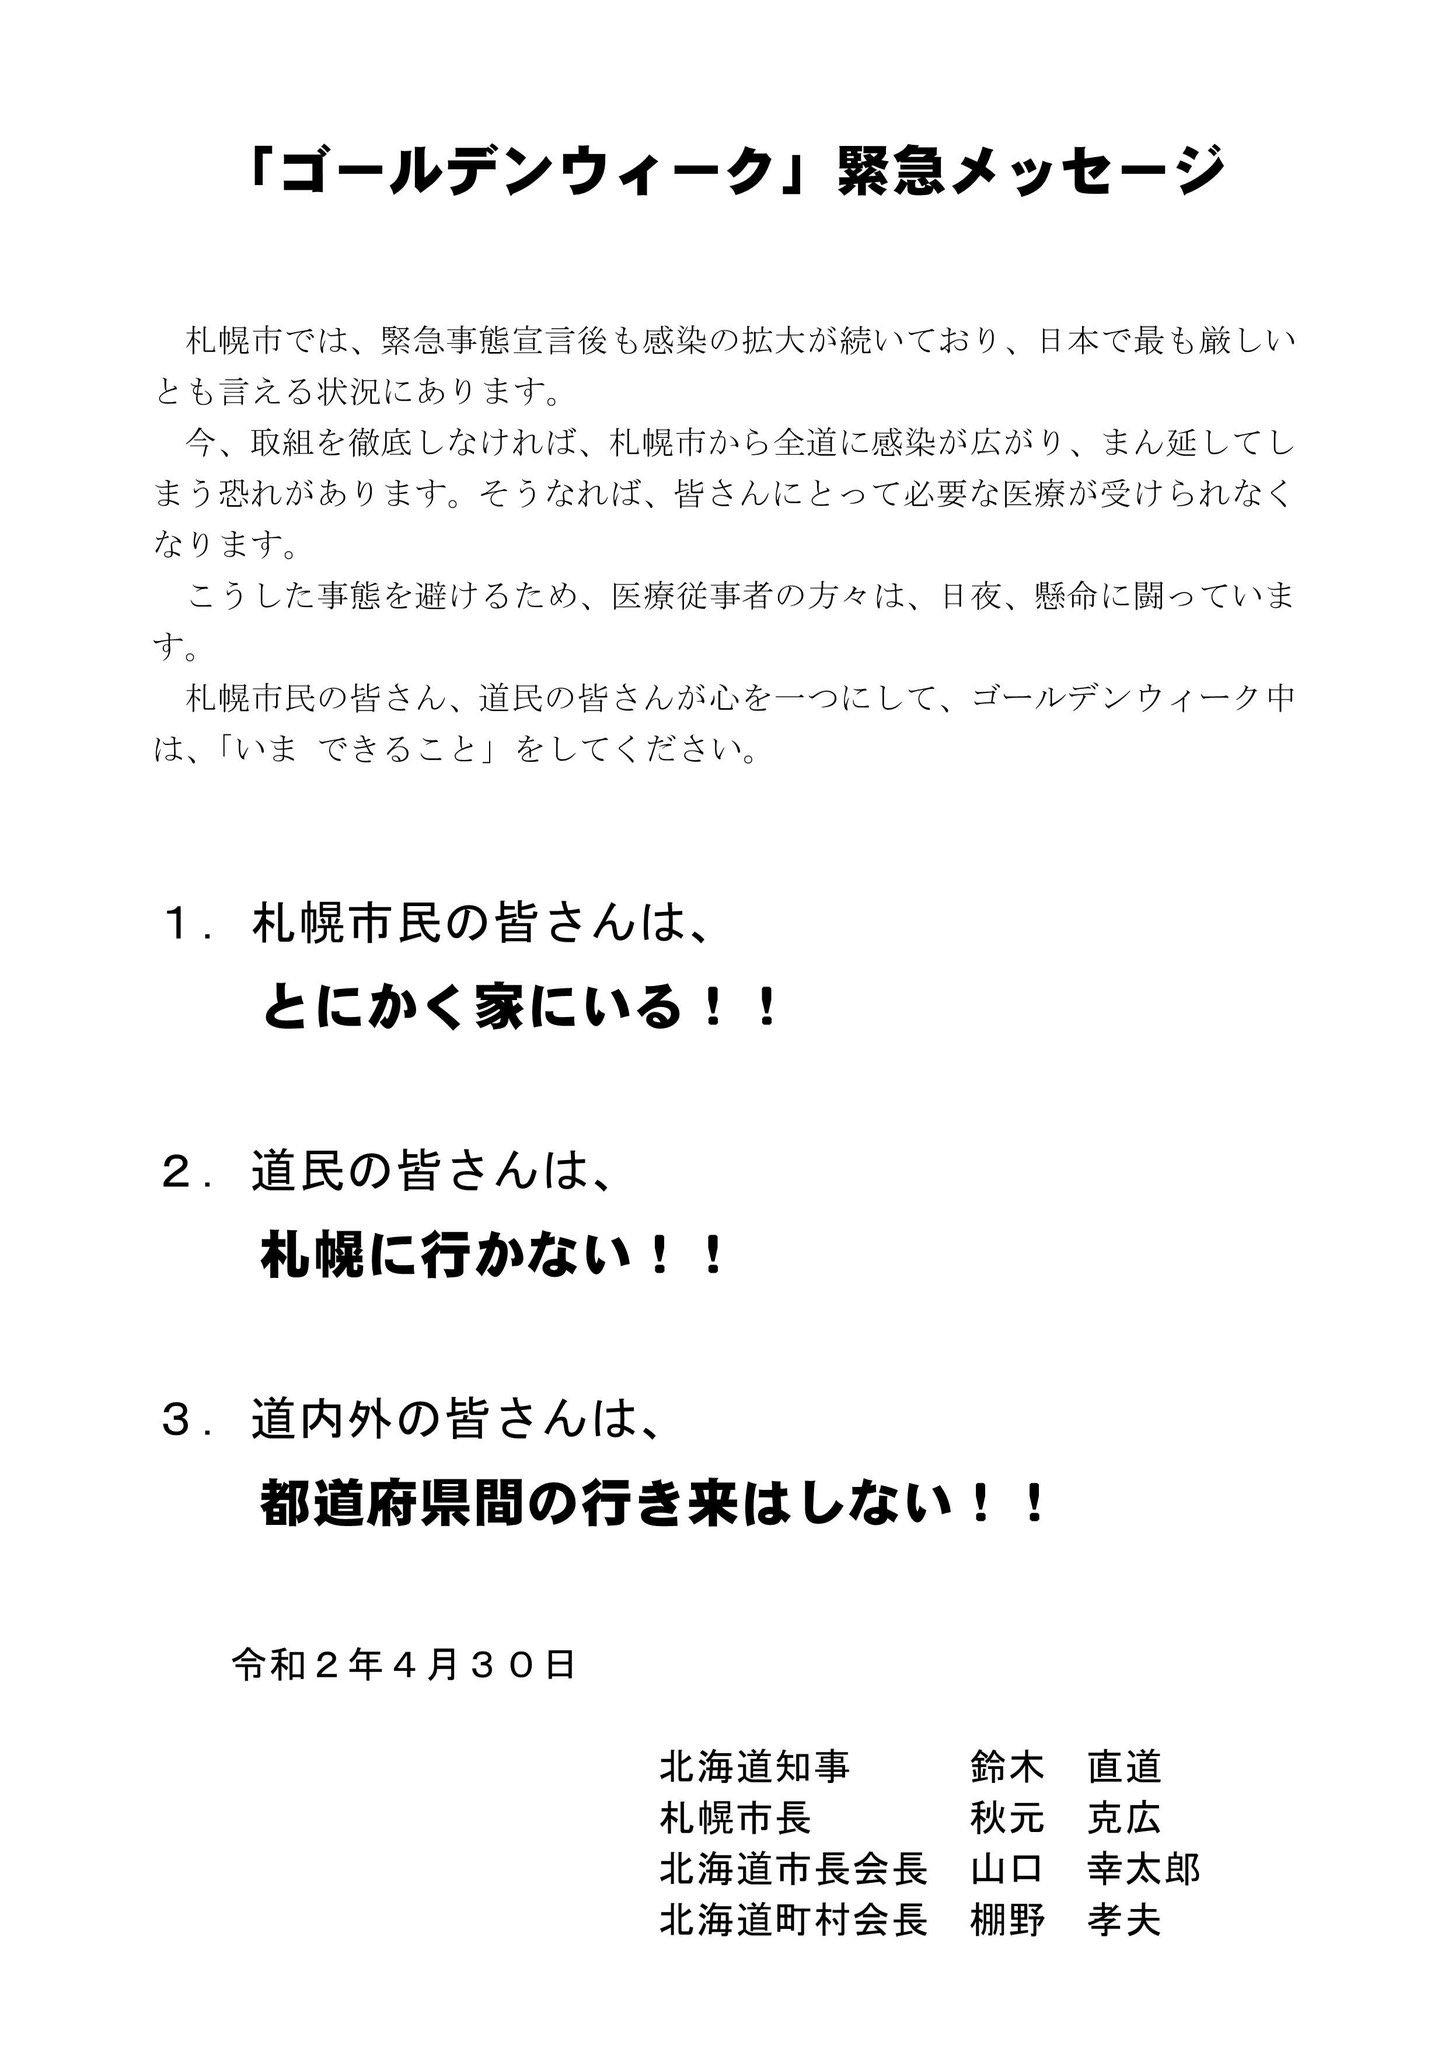 北海道知事による怒りの強い緊急メッセージ